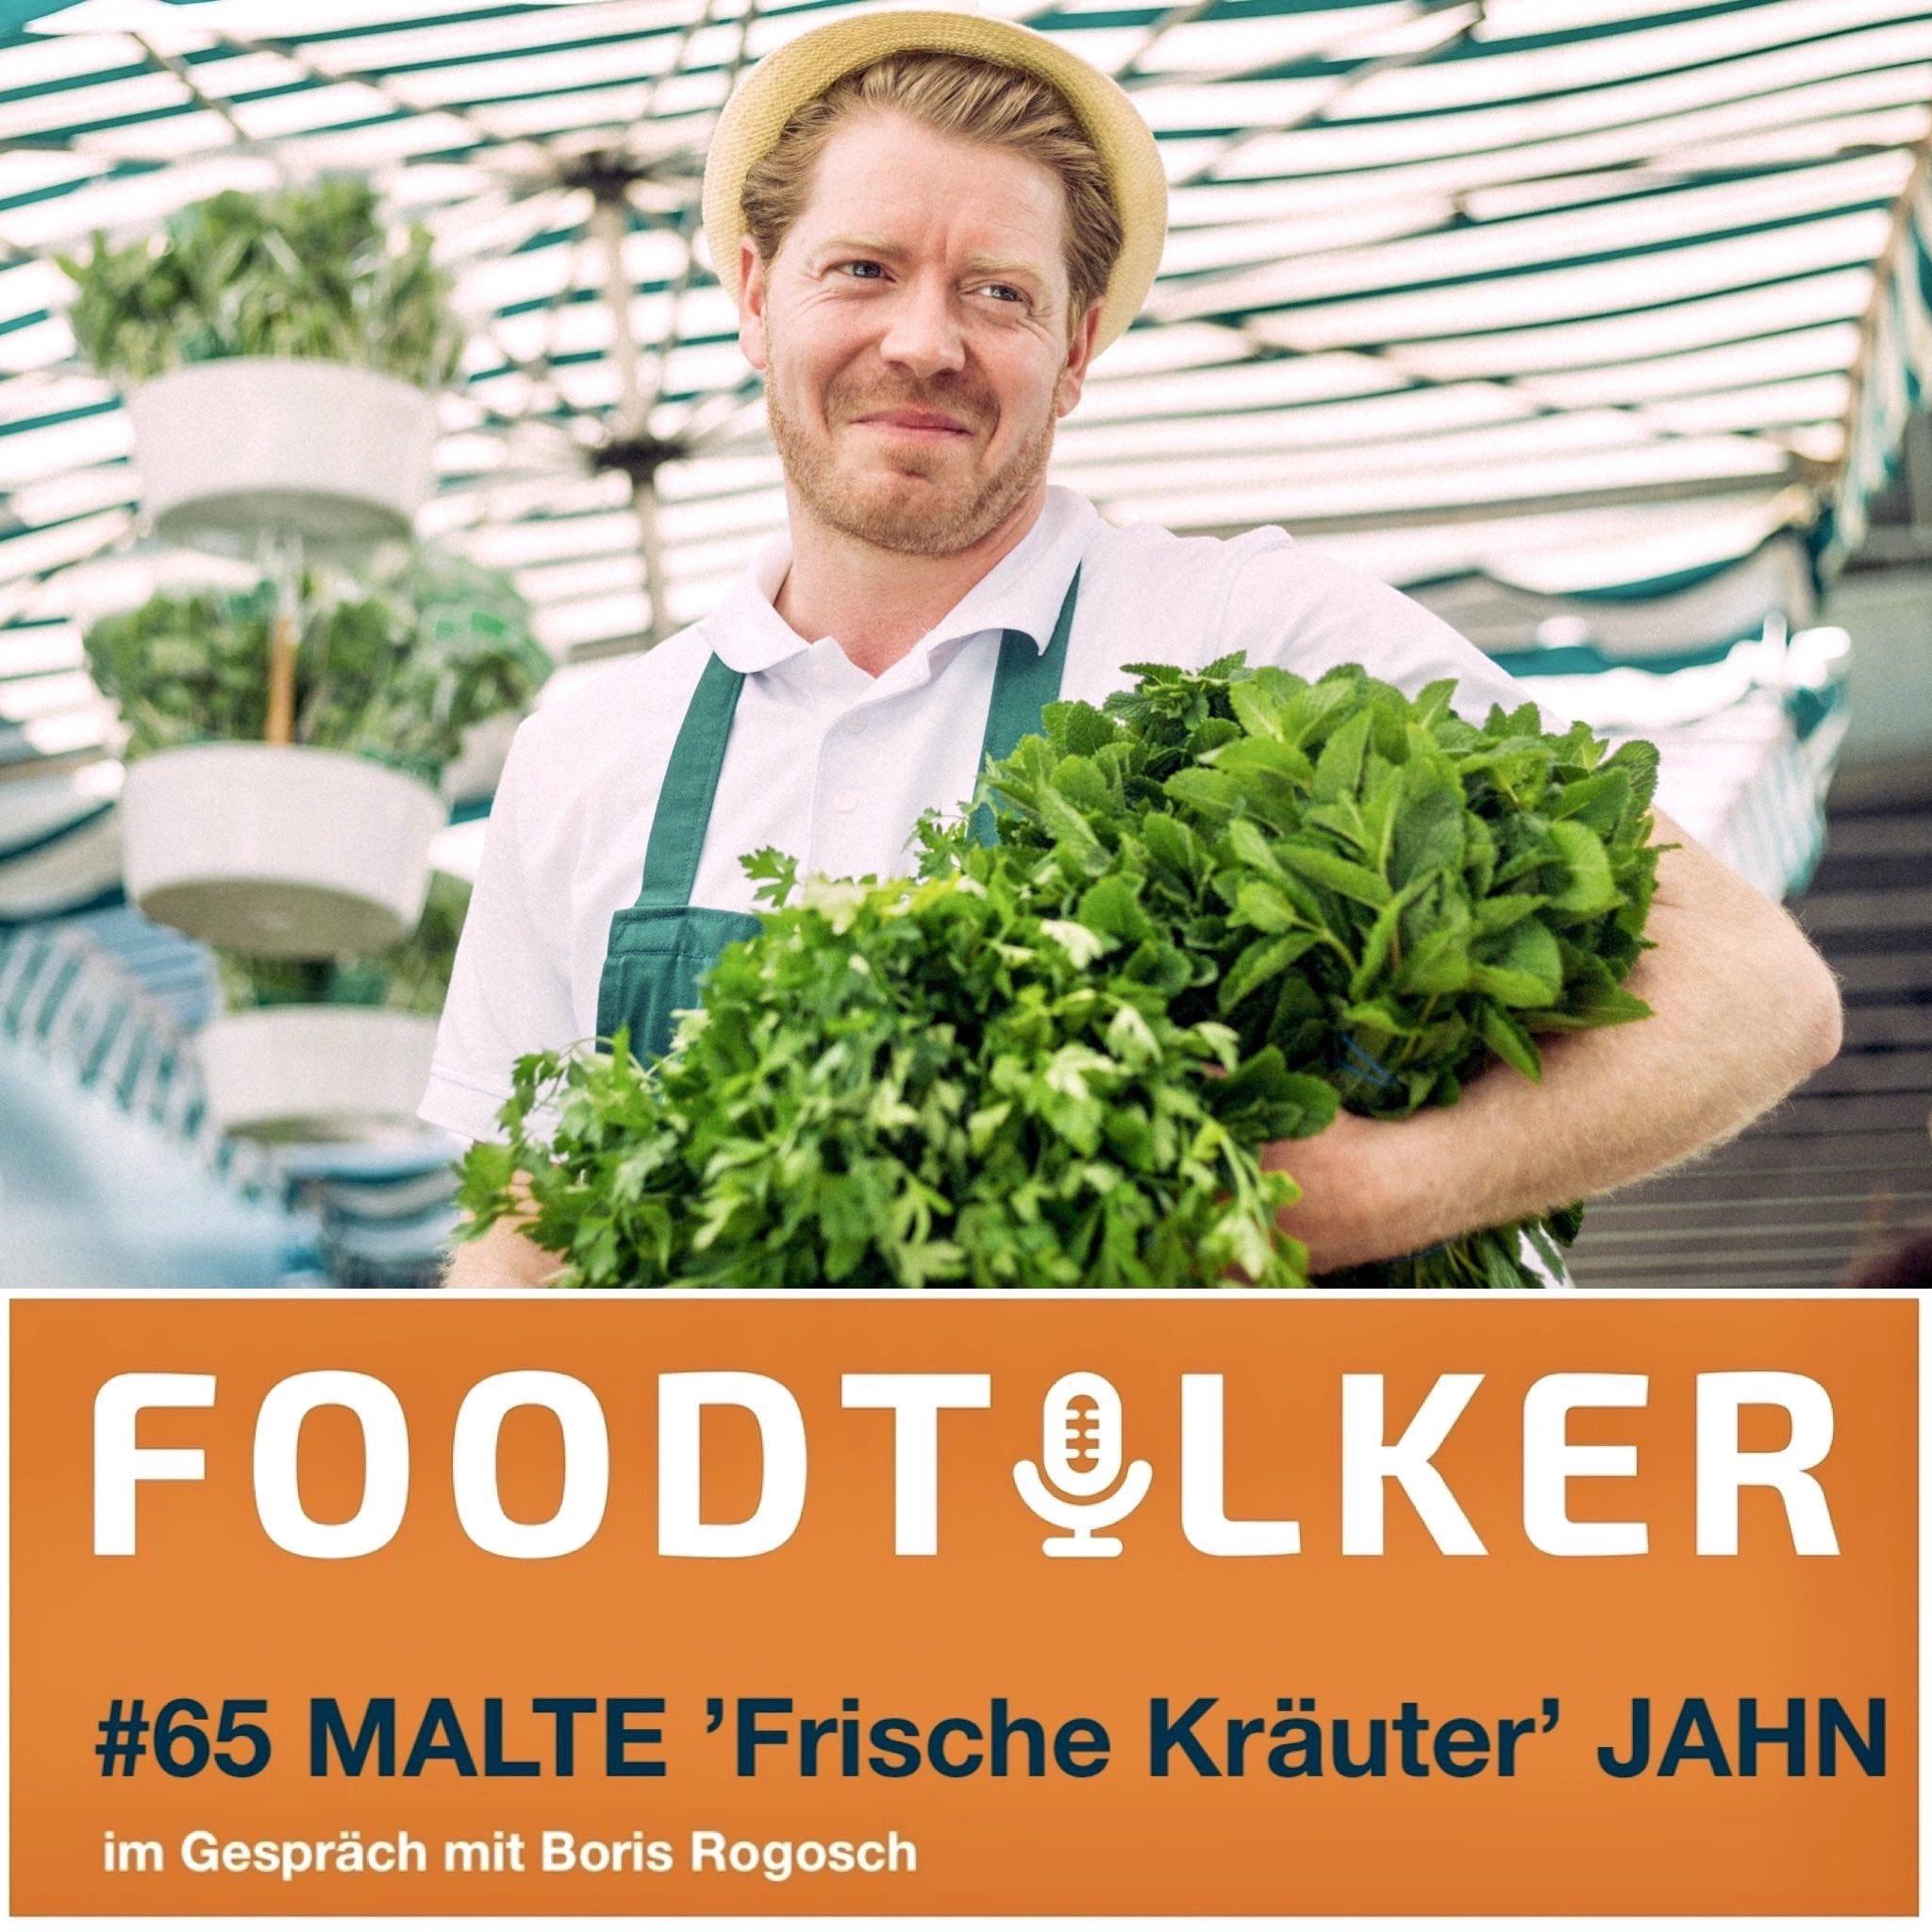 Malte 'Frische Kräuter' Jahn